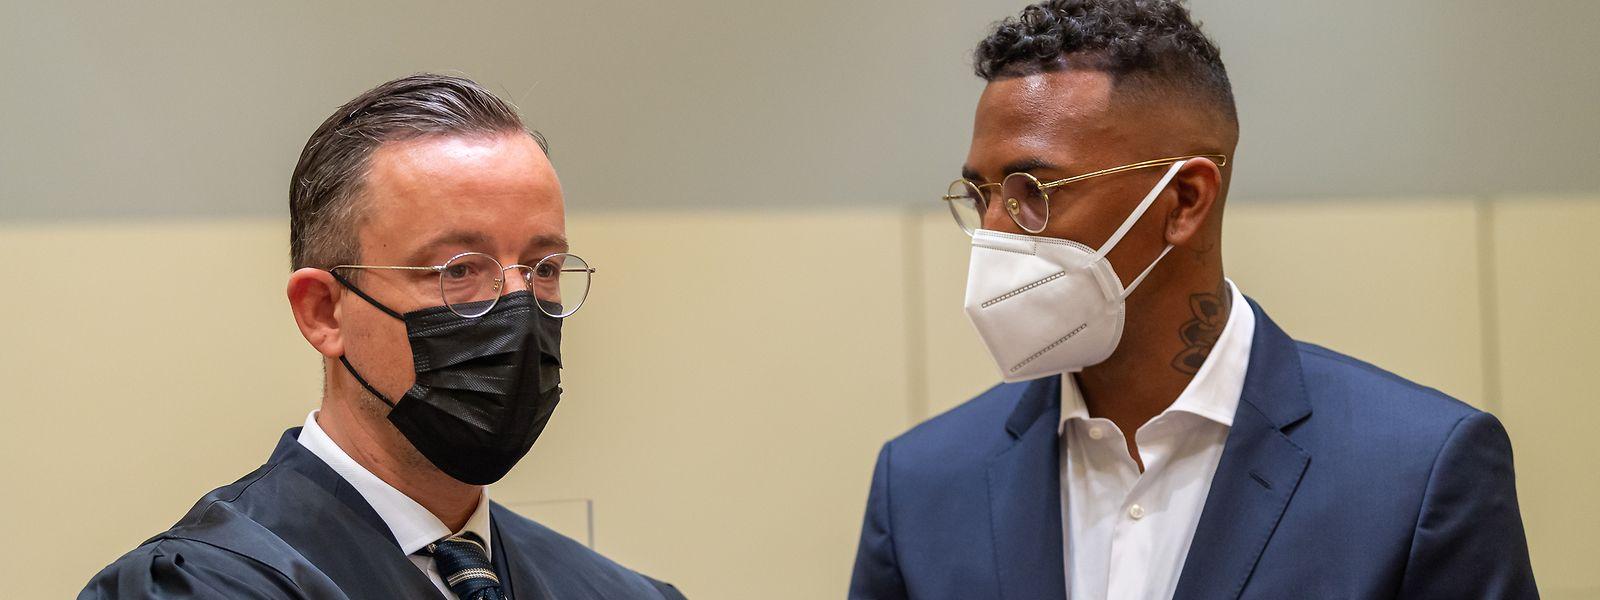 Der Fußball-Profi und ehemalige Nationalspieler Jerome Boateng (r) steht zu Beginn des Prozesses gegen ihn im Amtsgericht München mit seinem Anwalt zusammen.